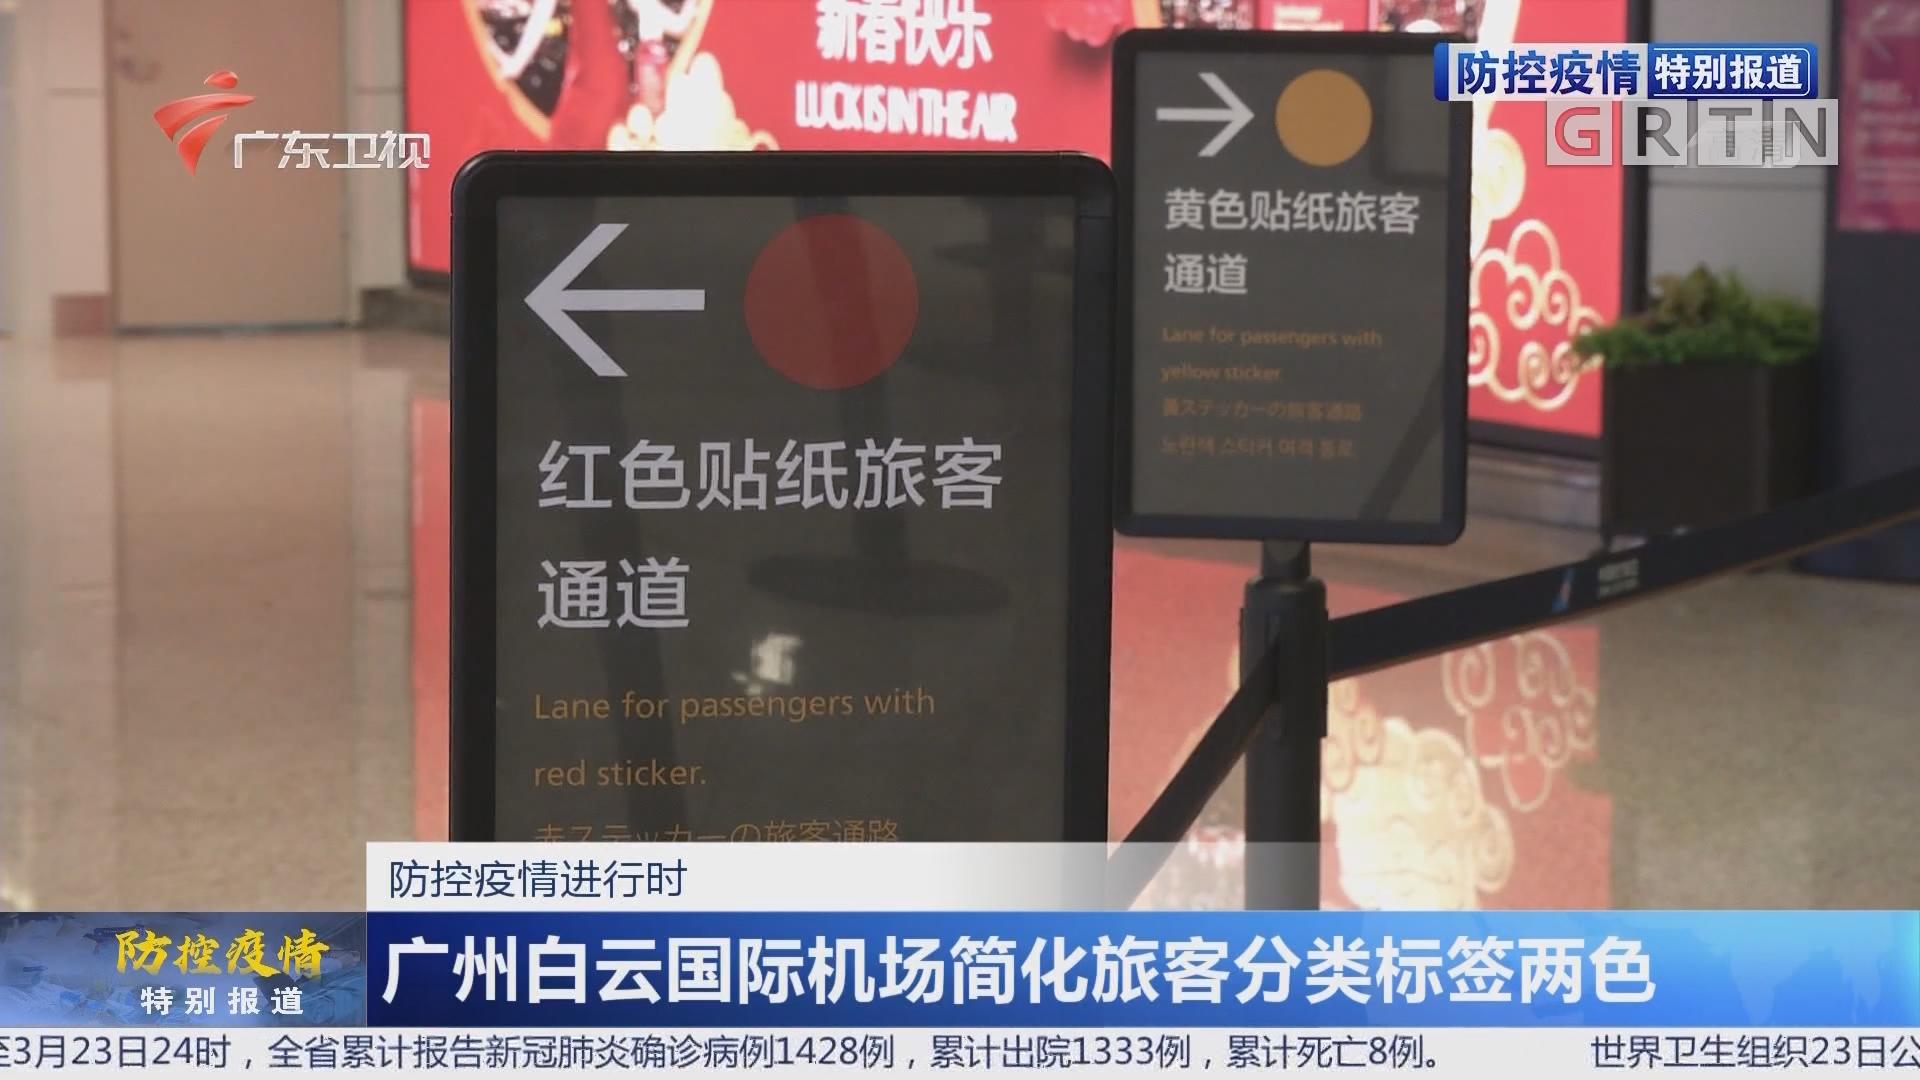 广州白云国际机场简化旅客分类标签两色